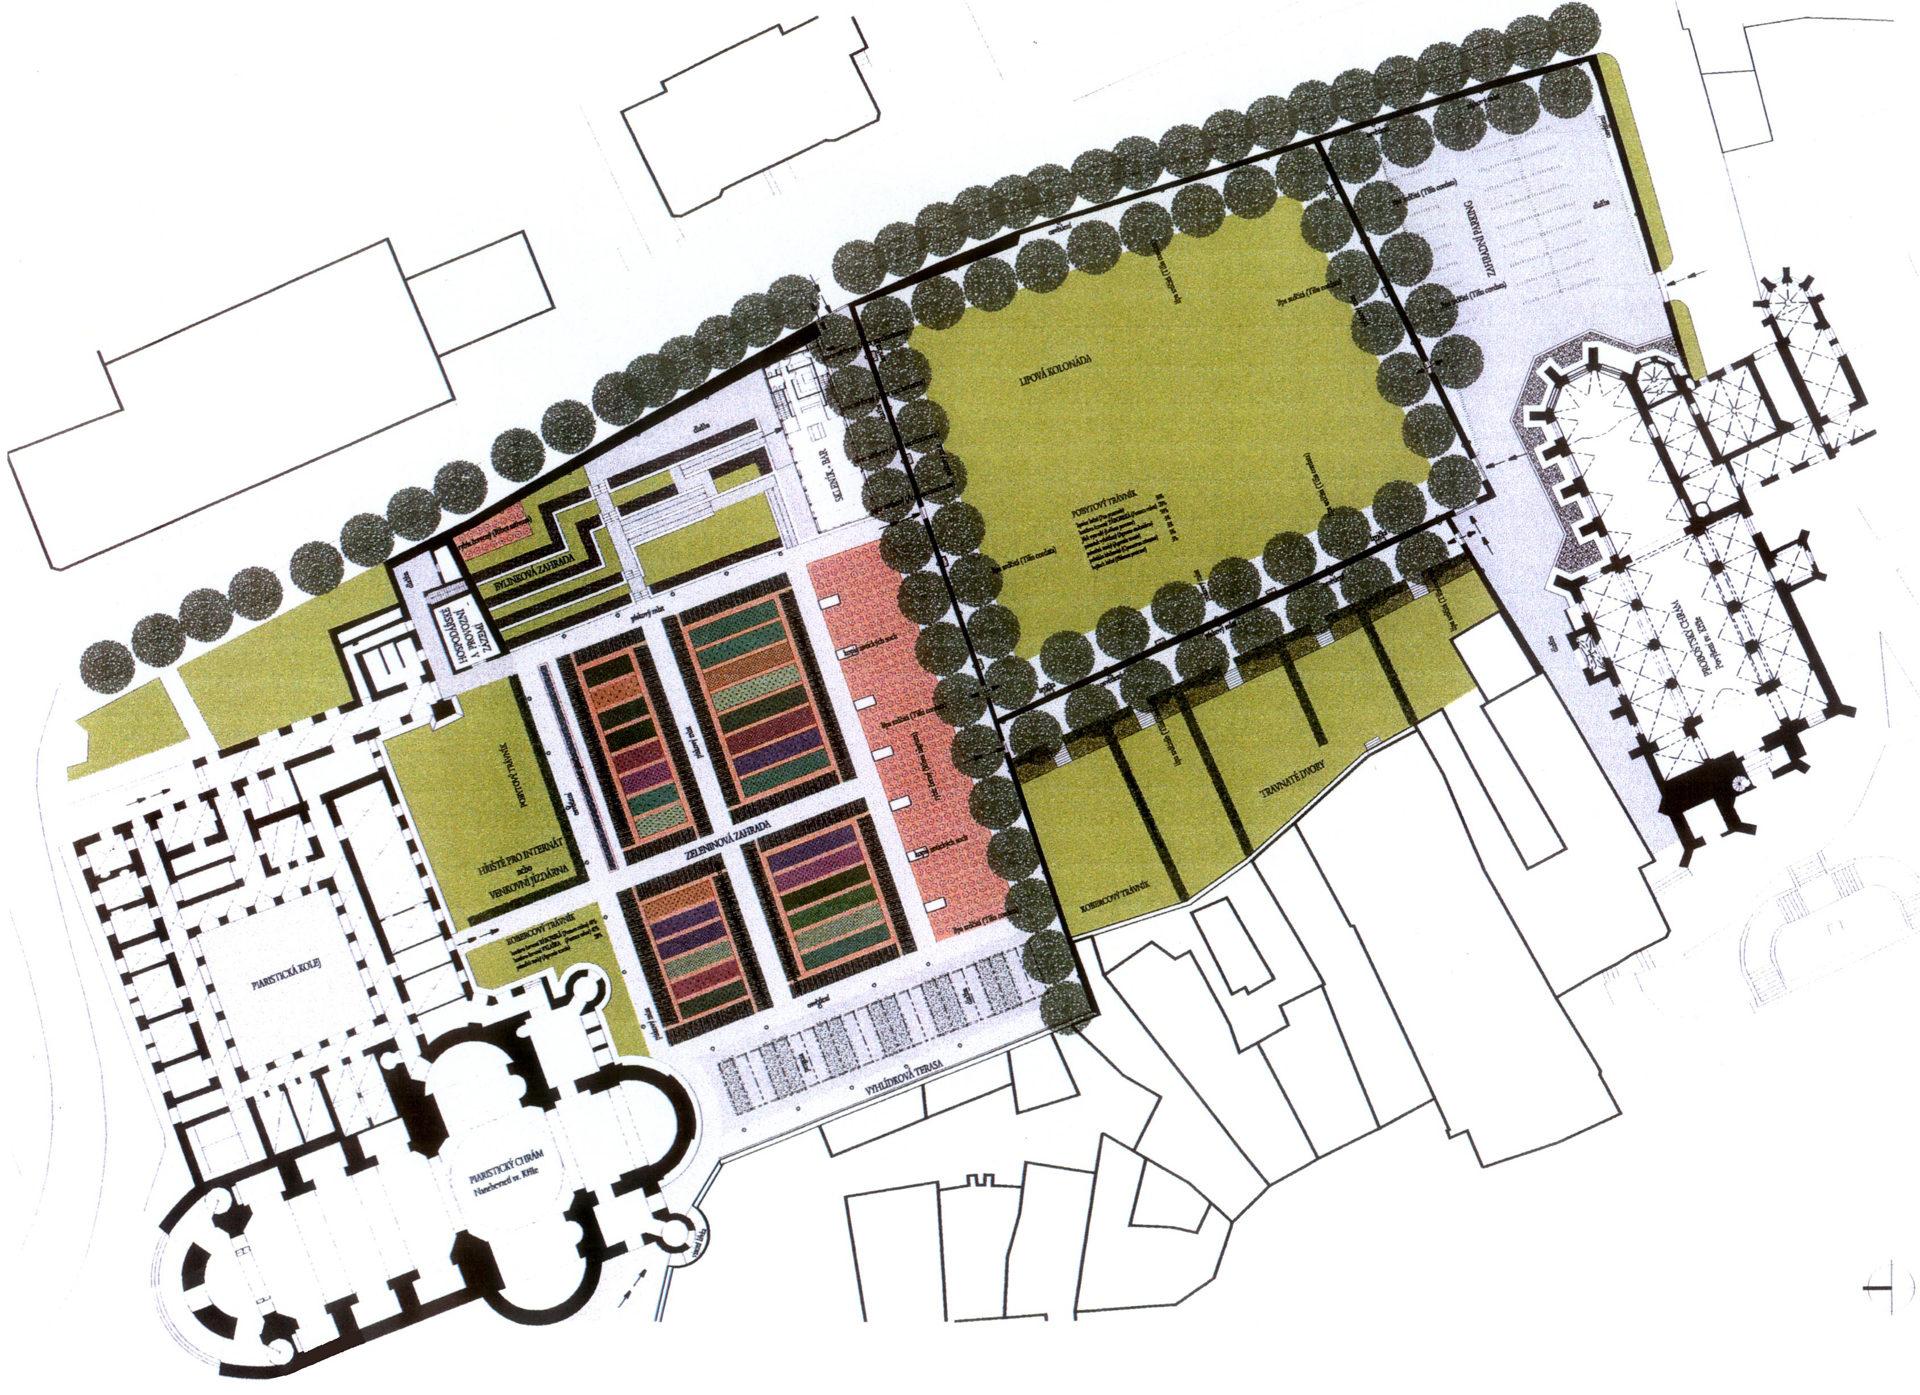 17_klasterni-zahrady-litomysl